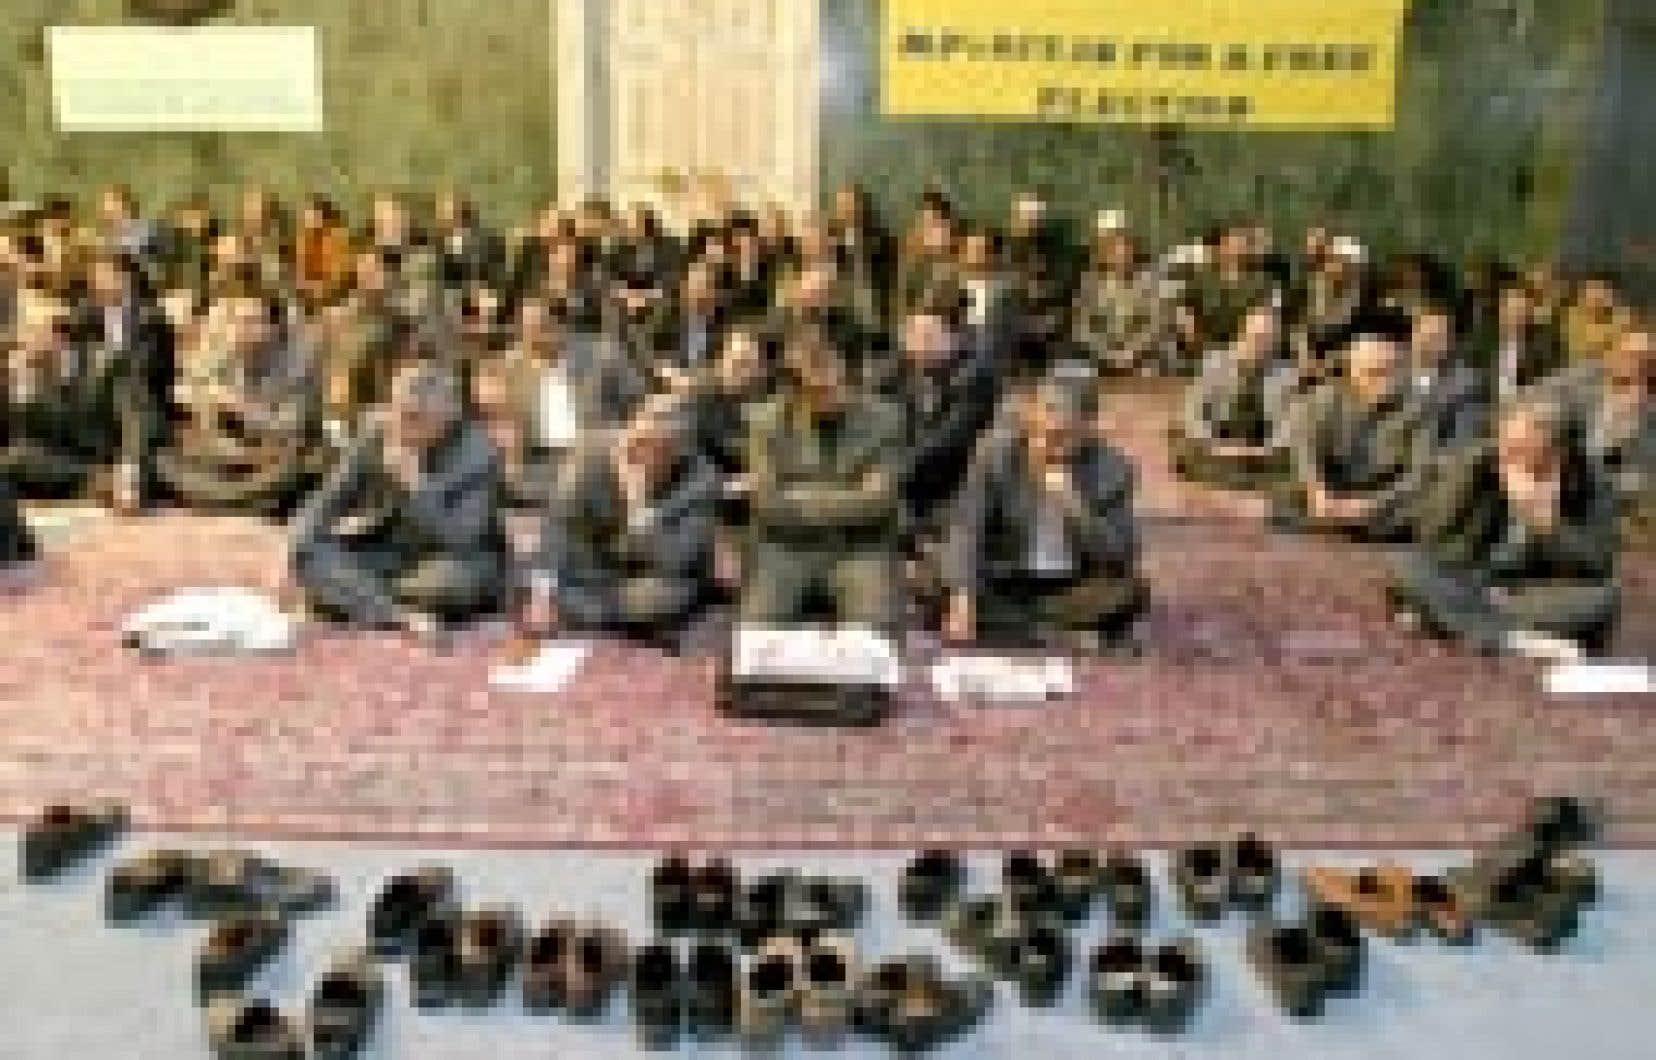 Le sit-in  de 80 députés réformateurs iraniens au Parlement, entamé le 11 décembre, s'est poursuivi hier afin de protester contre la décision du Conseil des gardiens, organisation conservatrice iranienne, d'invalider près de la moitié des 8 200 c